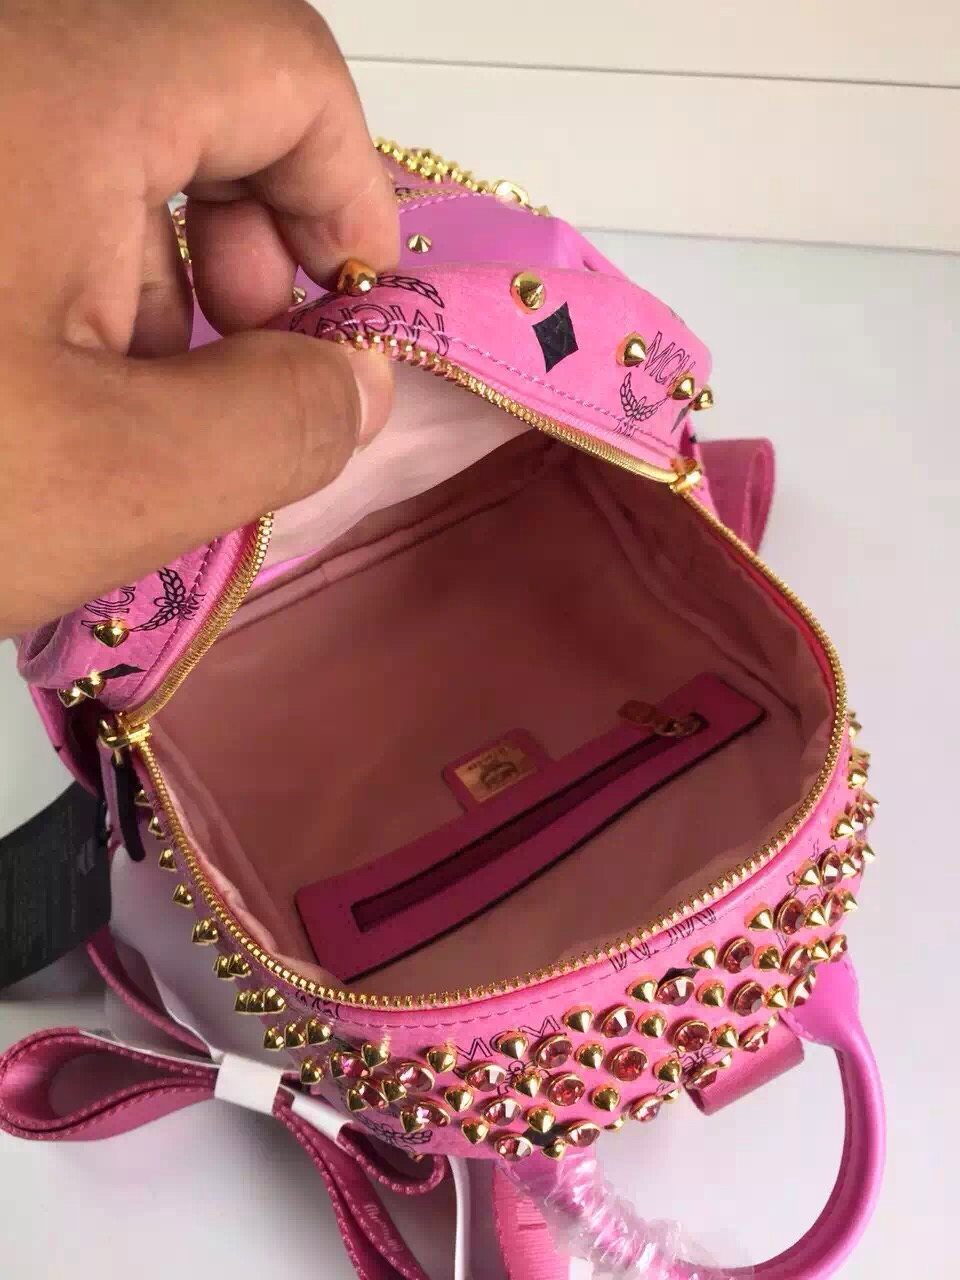 MCM限量版双肩包 一件代发 专柜全包装 粉色原单品质 双肩包背包批发